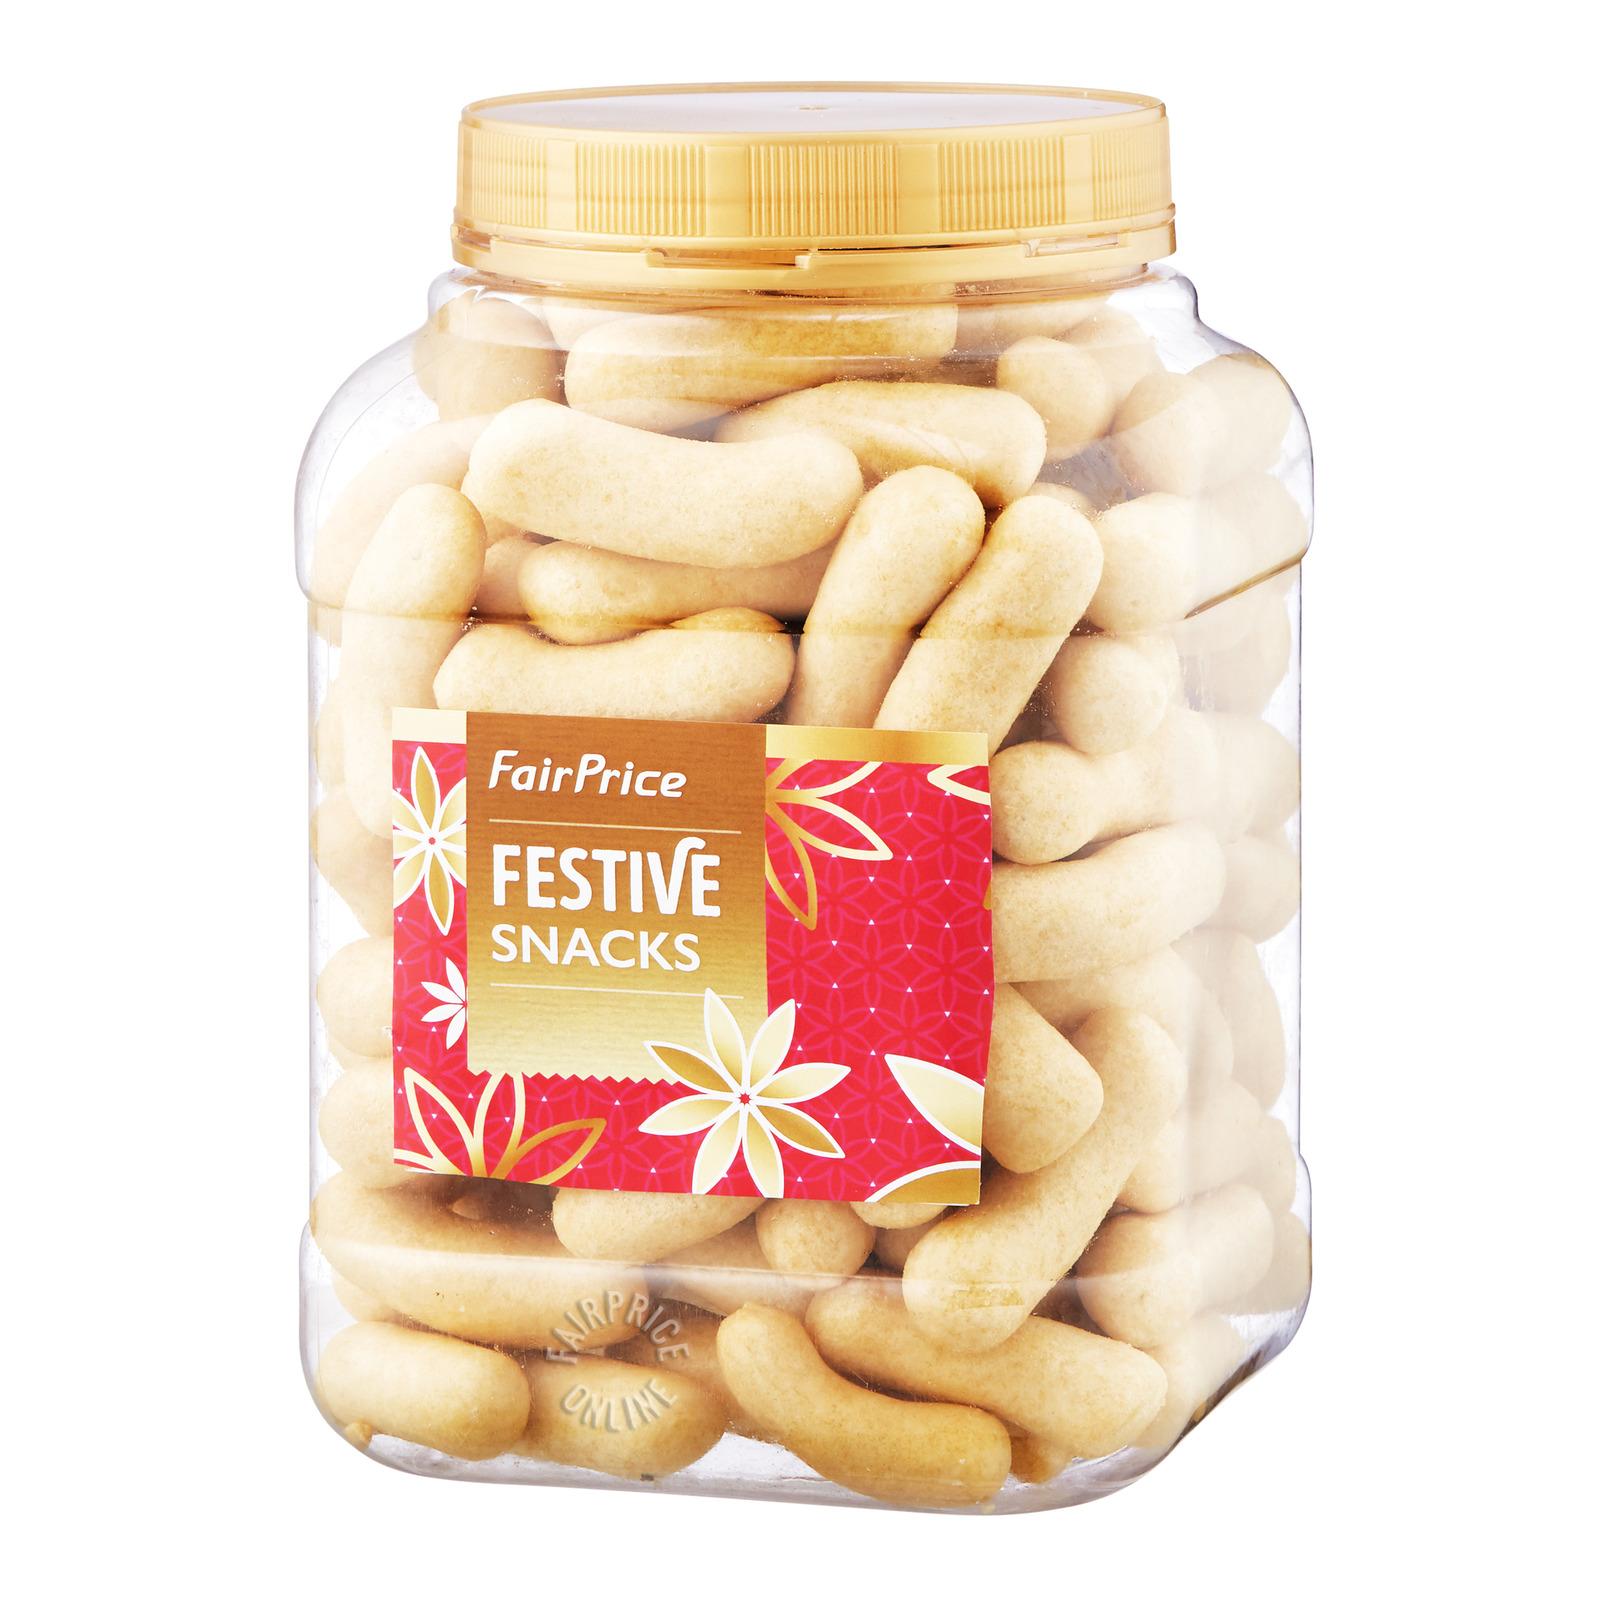 FairPrice Festive Snacks - Handmade Fish Crackers Ball